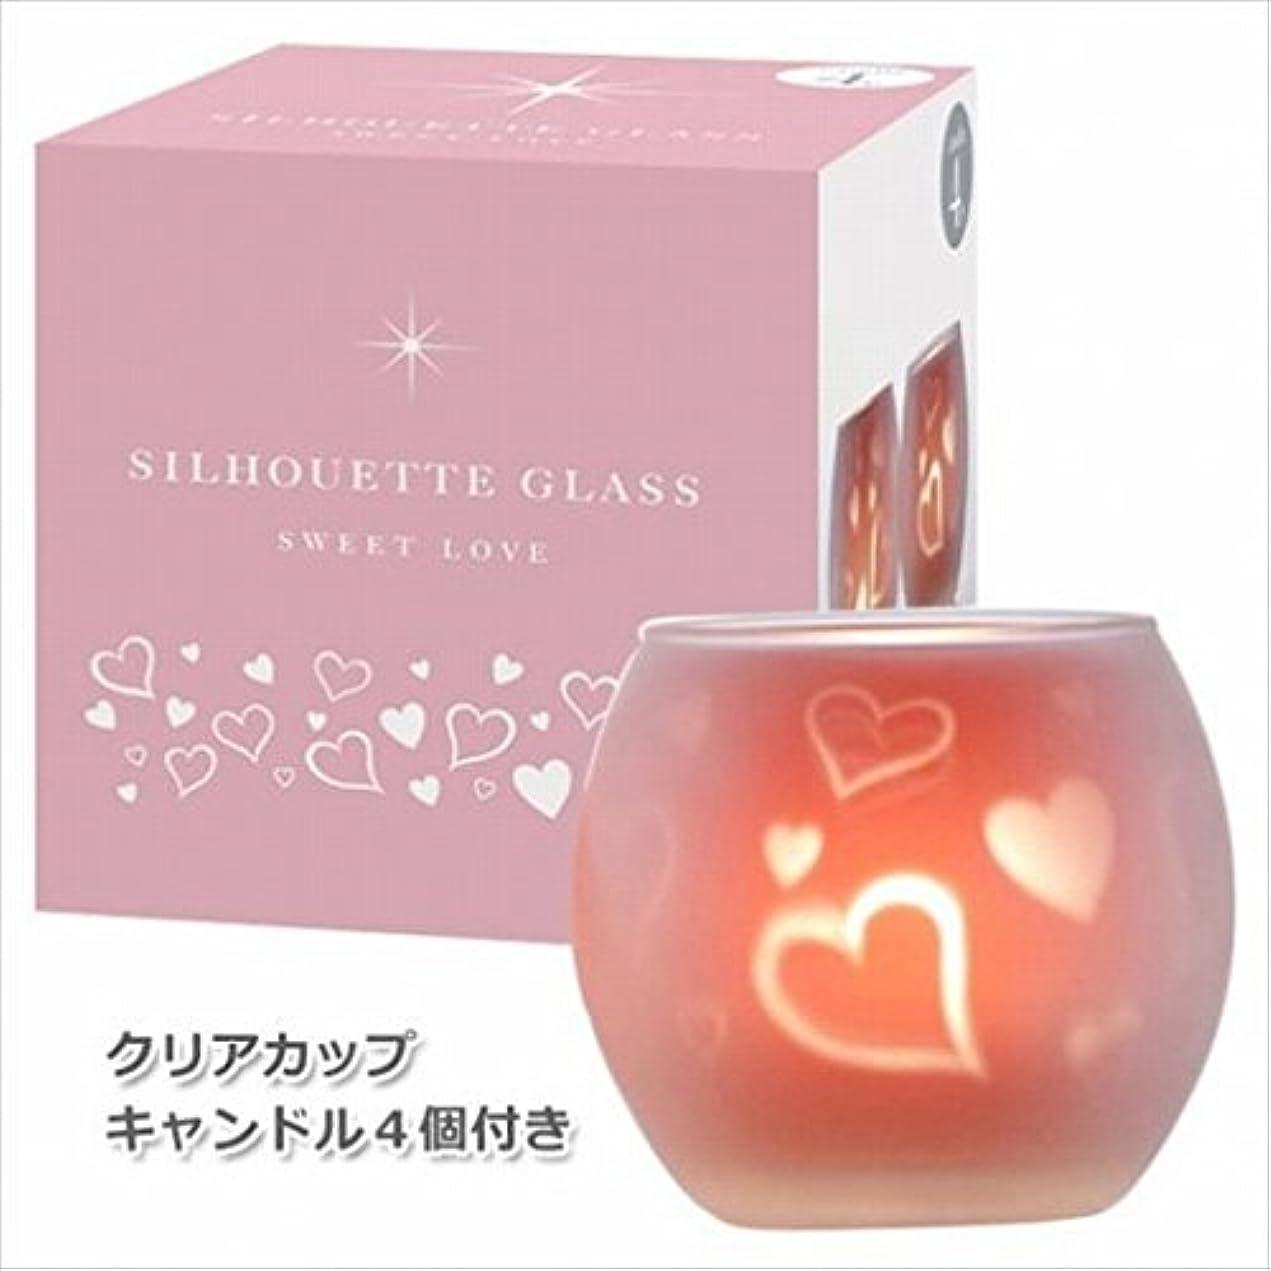 明示的にギネス性格カメヤマキャンドル(kameyama candle) スウィートラブ2【キャンドル4個付き】 シルエットグラス